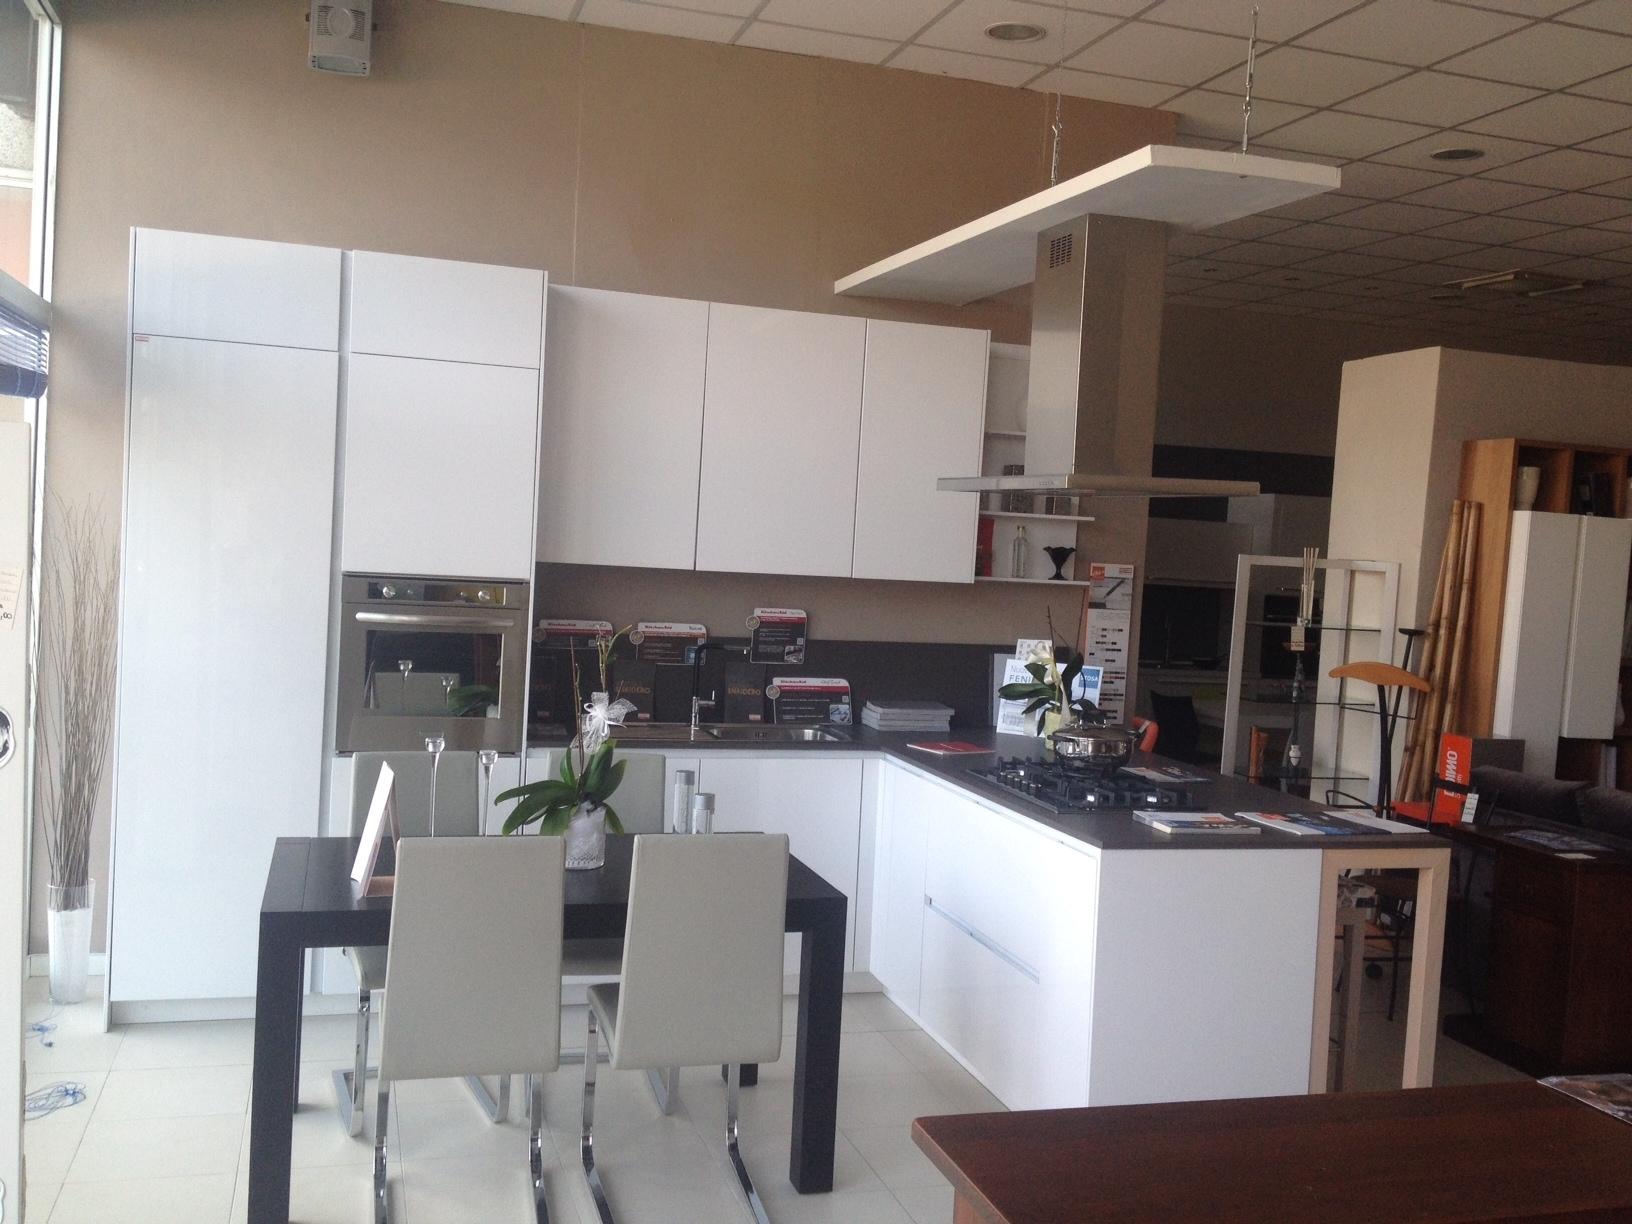 Cucina snaidero orange scontato del 68 cucine a prezzi scontati - Snaidero cucine prezzi ...